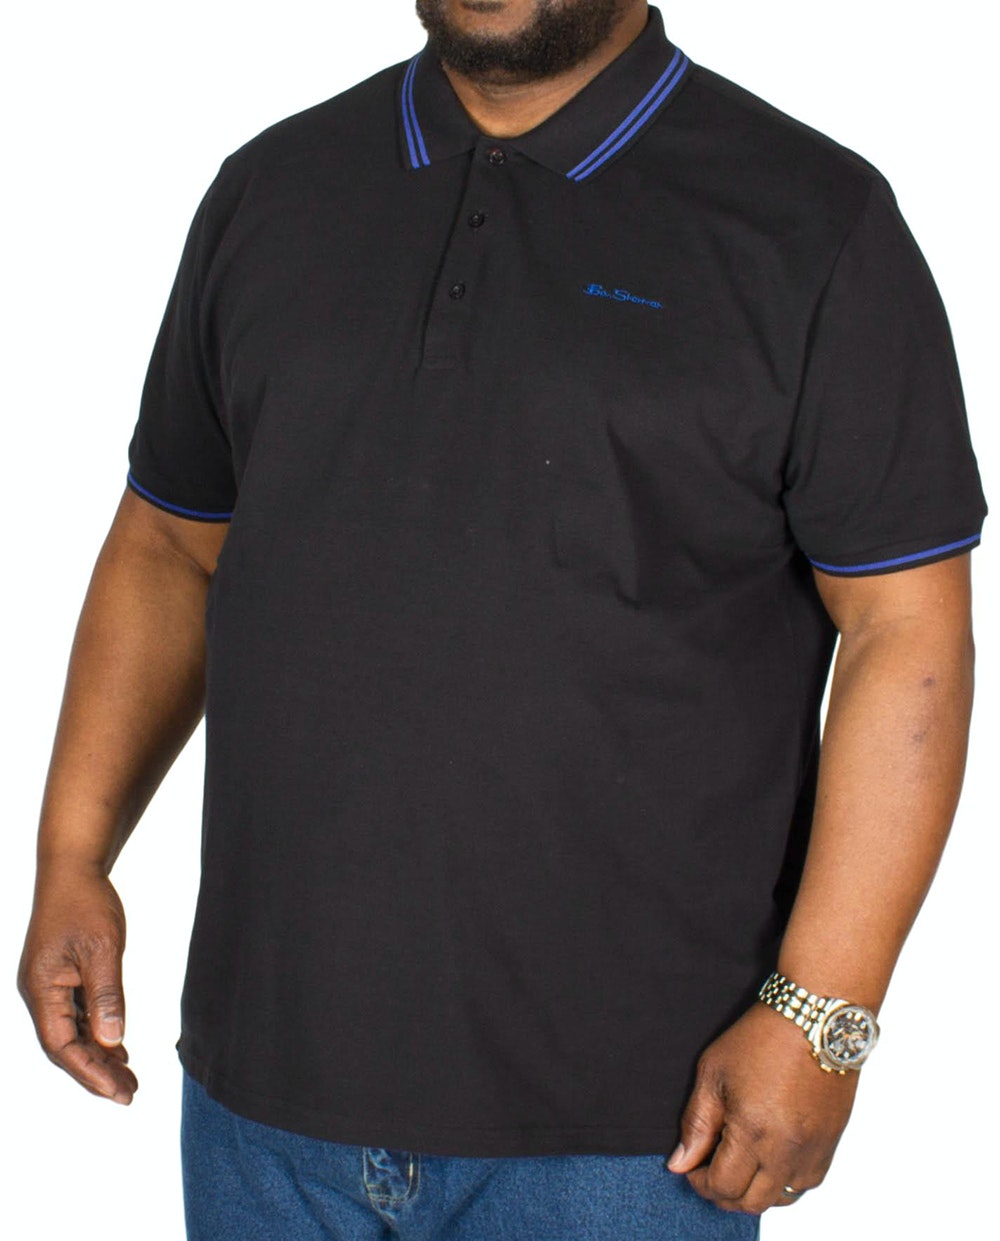 Ben Sherman Script Tipped Polo Shirt Black